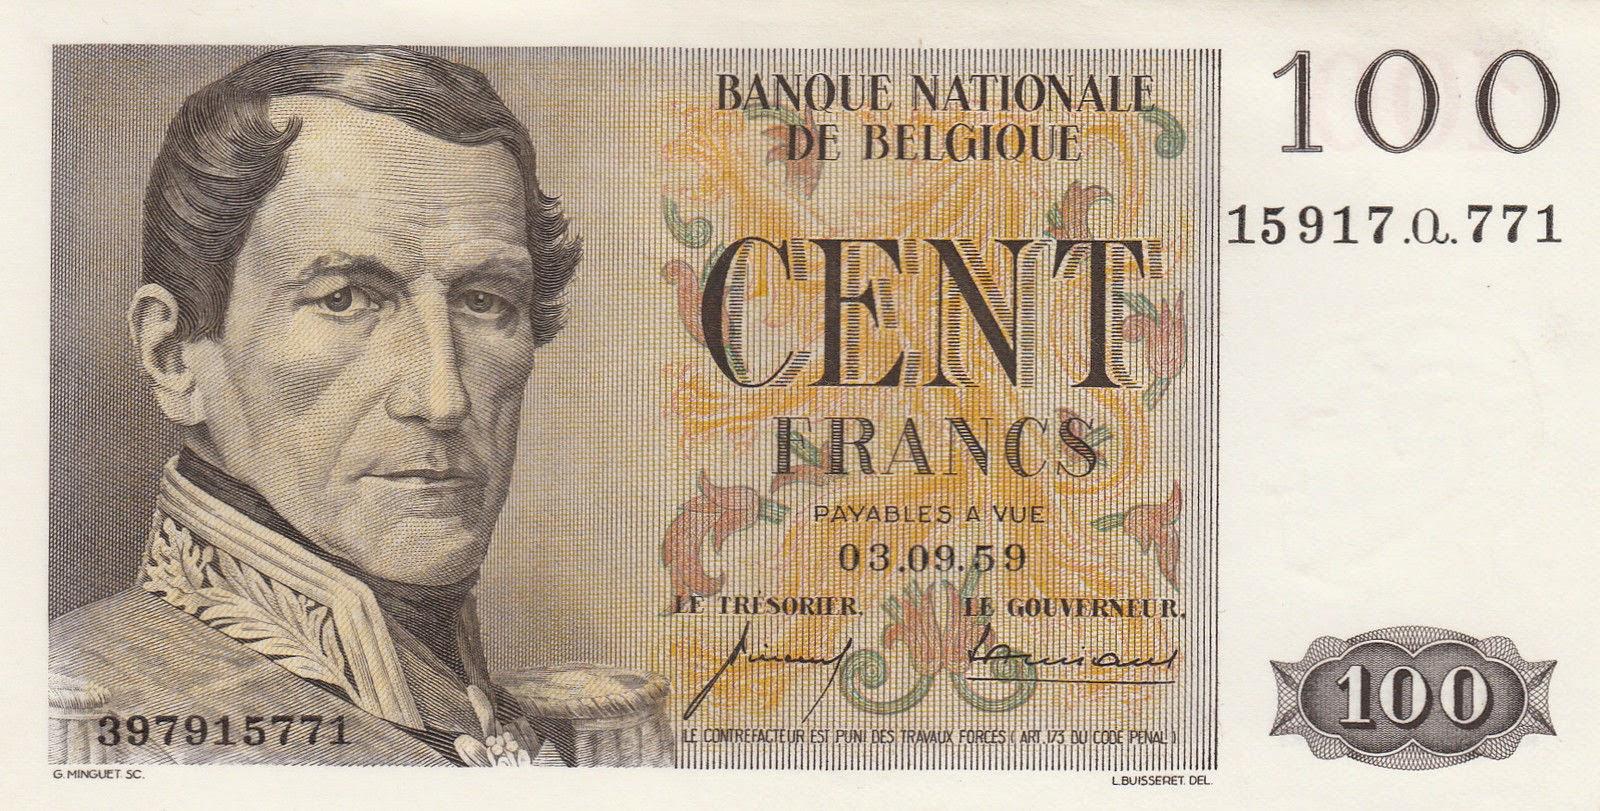 Belgium Banknotes 100 Francs banknote 1959 King Leopold I